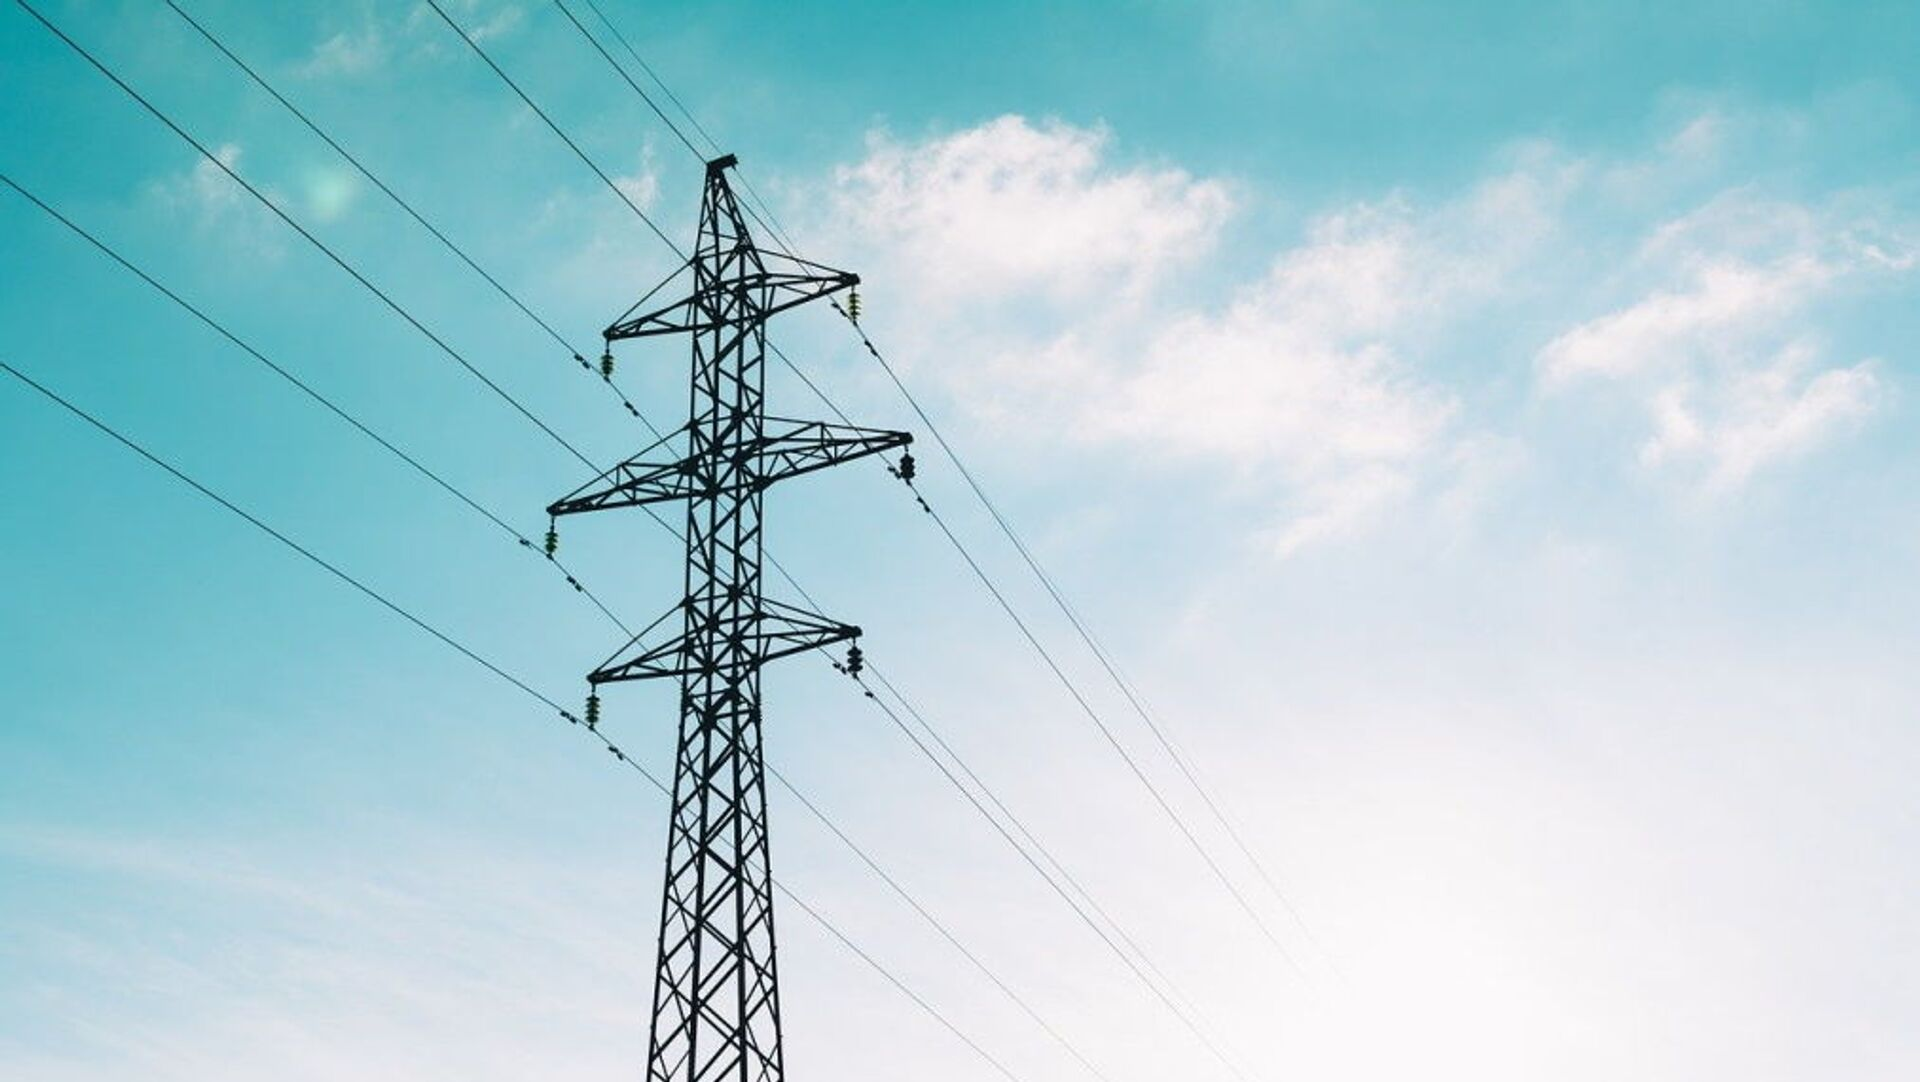 Πυλώνας ηλεκτρικού ρεύματος - Sputnik Ελλάδα, 1920, 14.09.2021